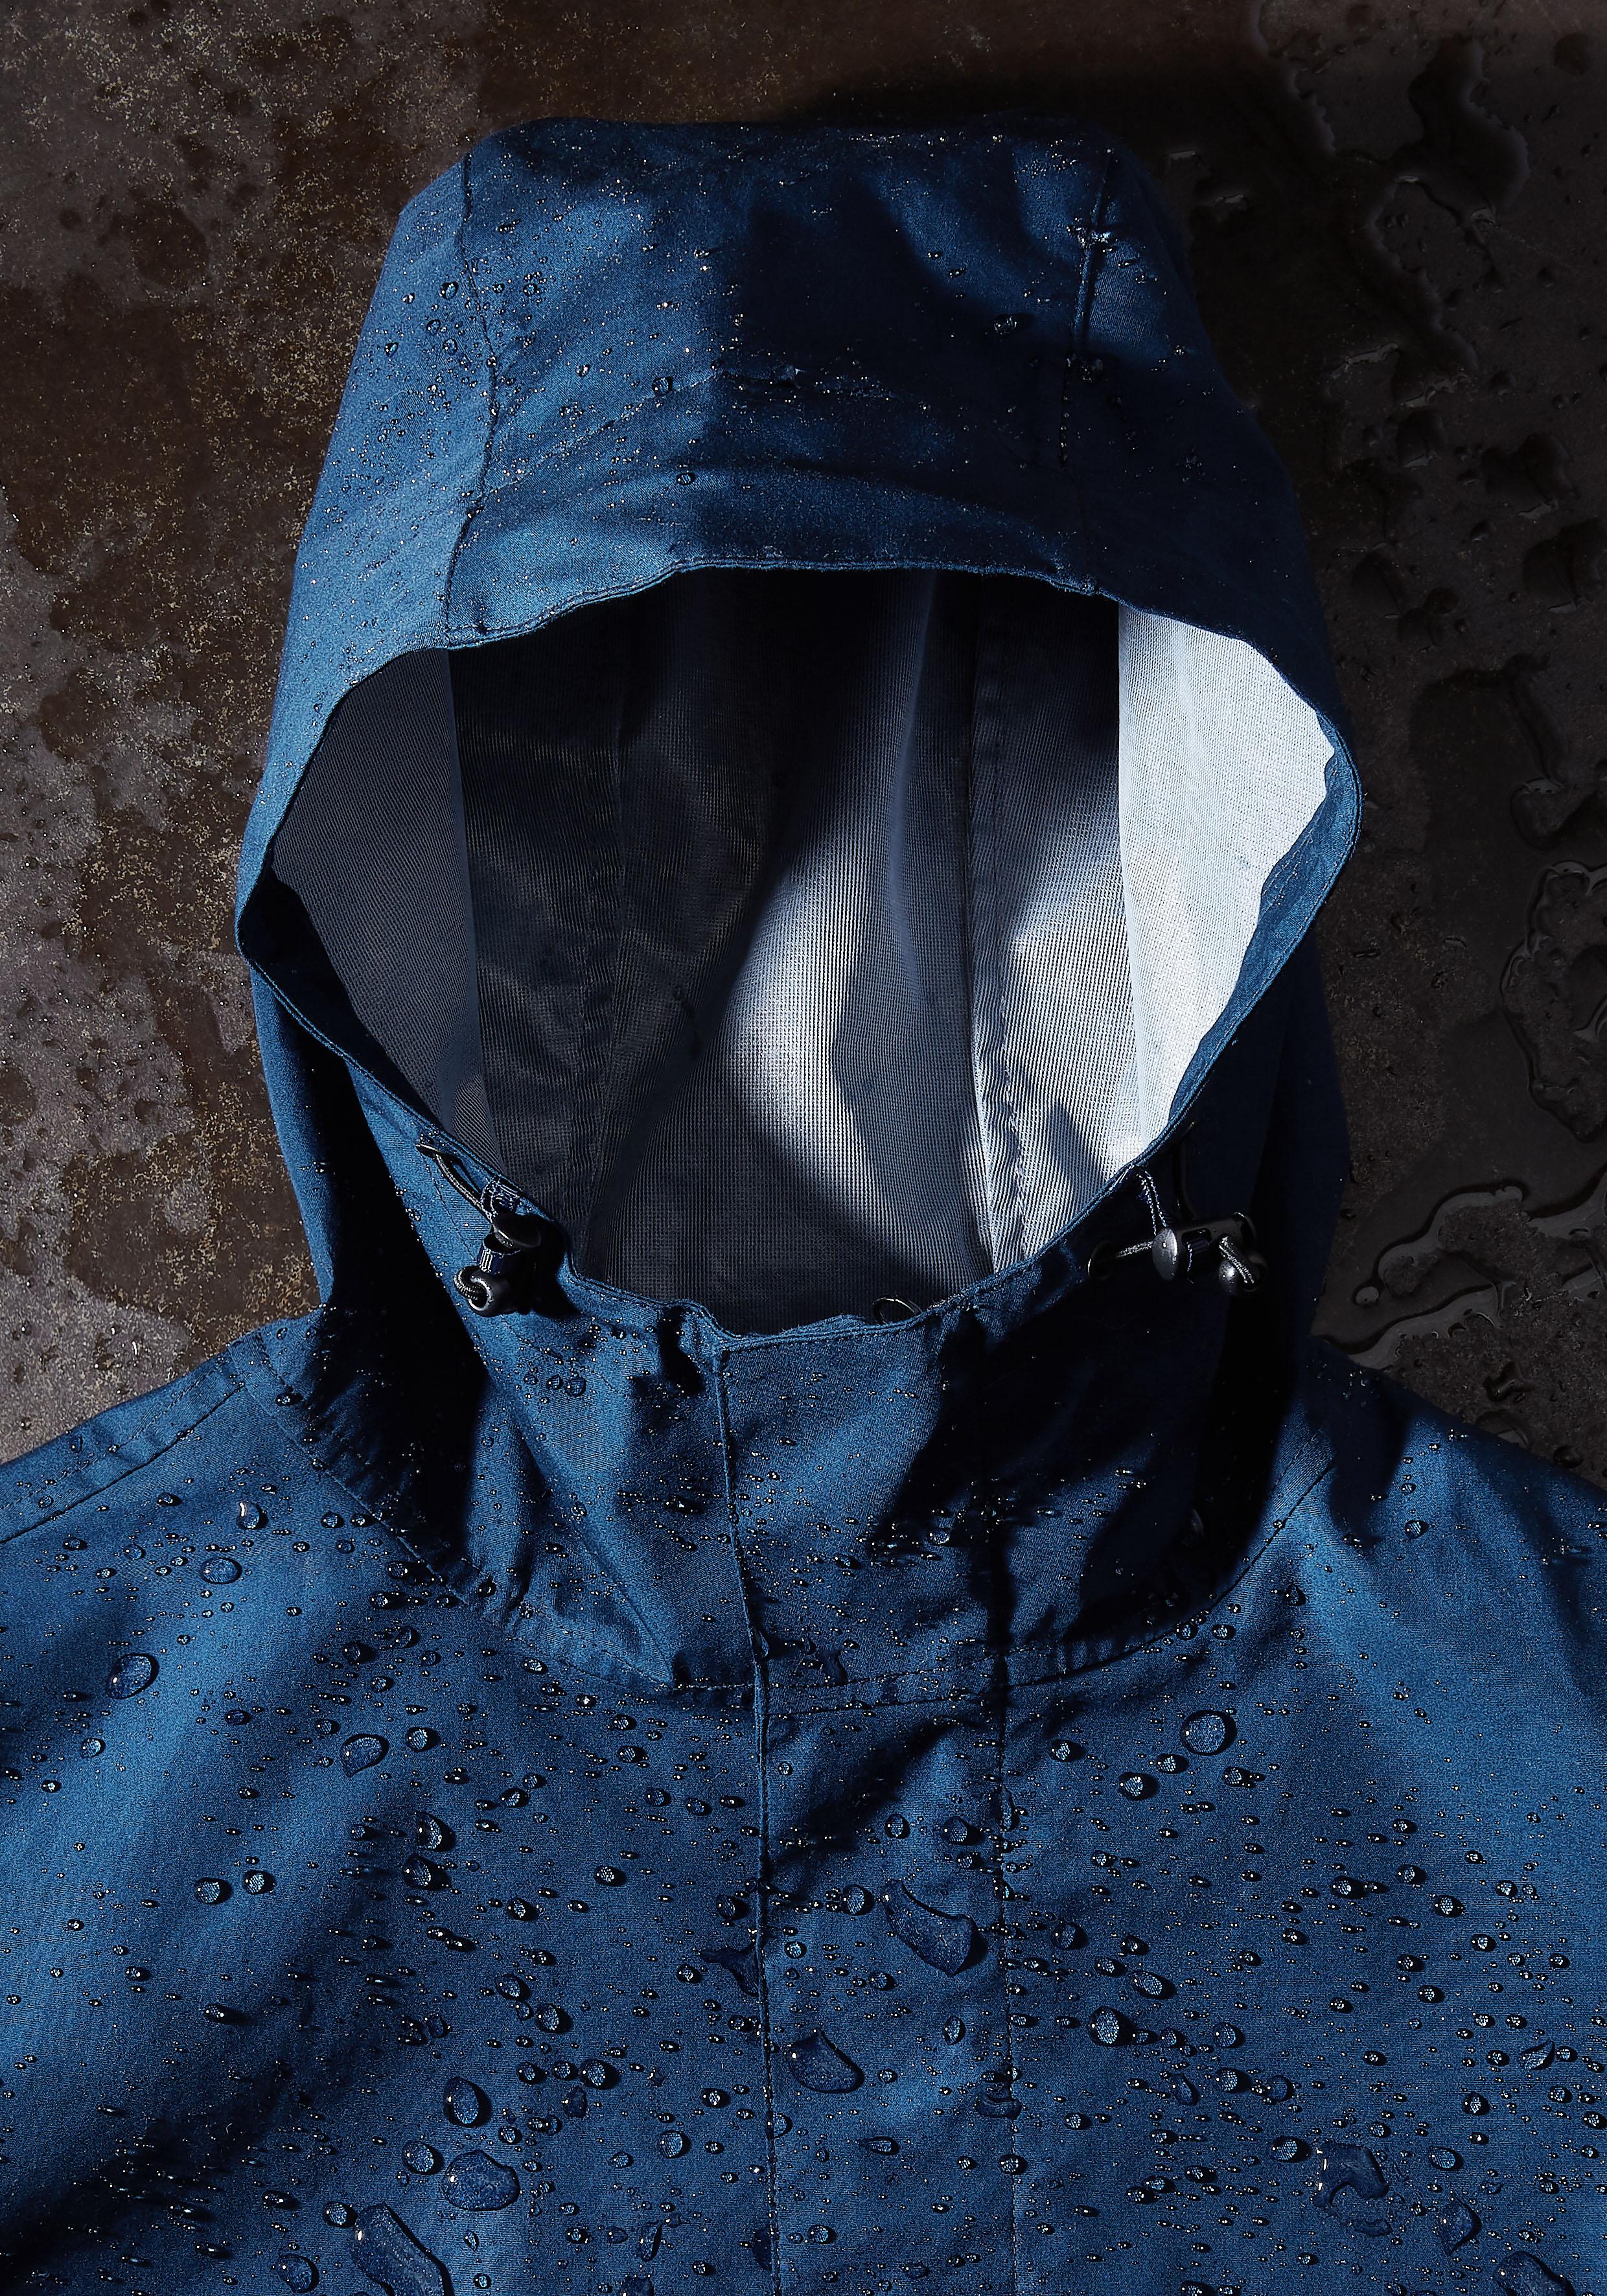 matthew-kashtan-rain-jacket-still-life.jpg